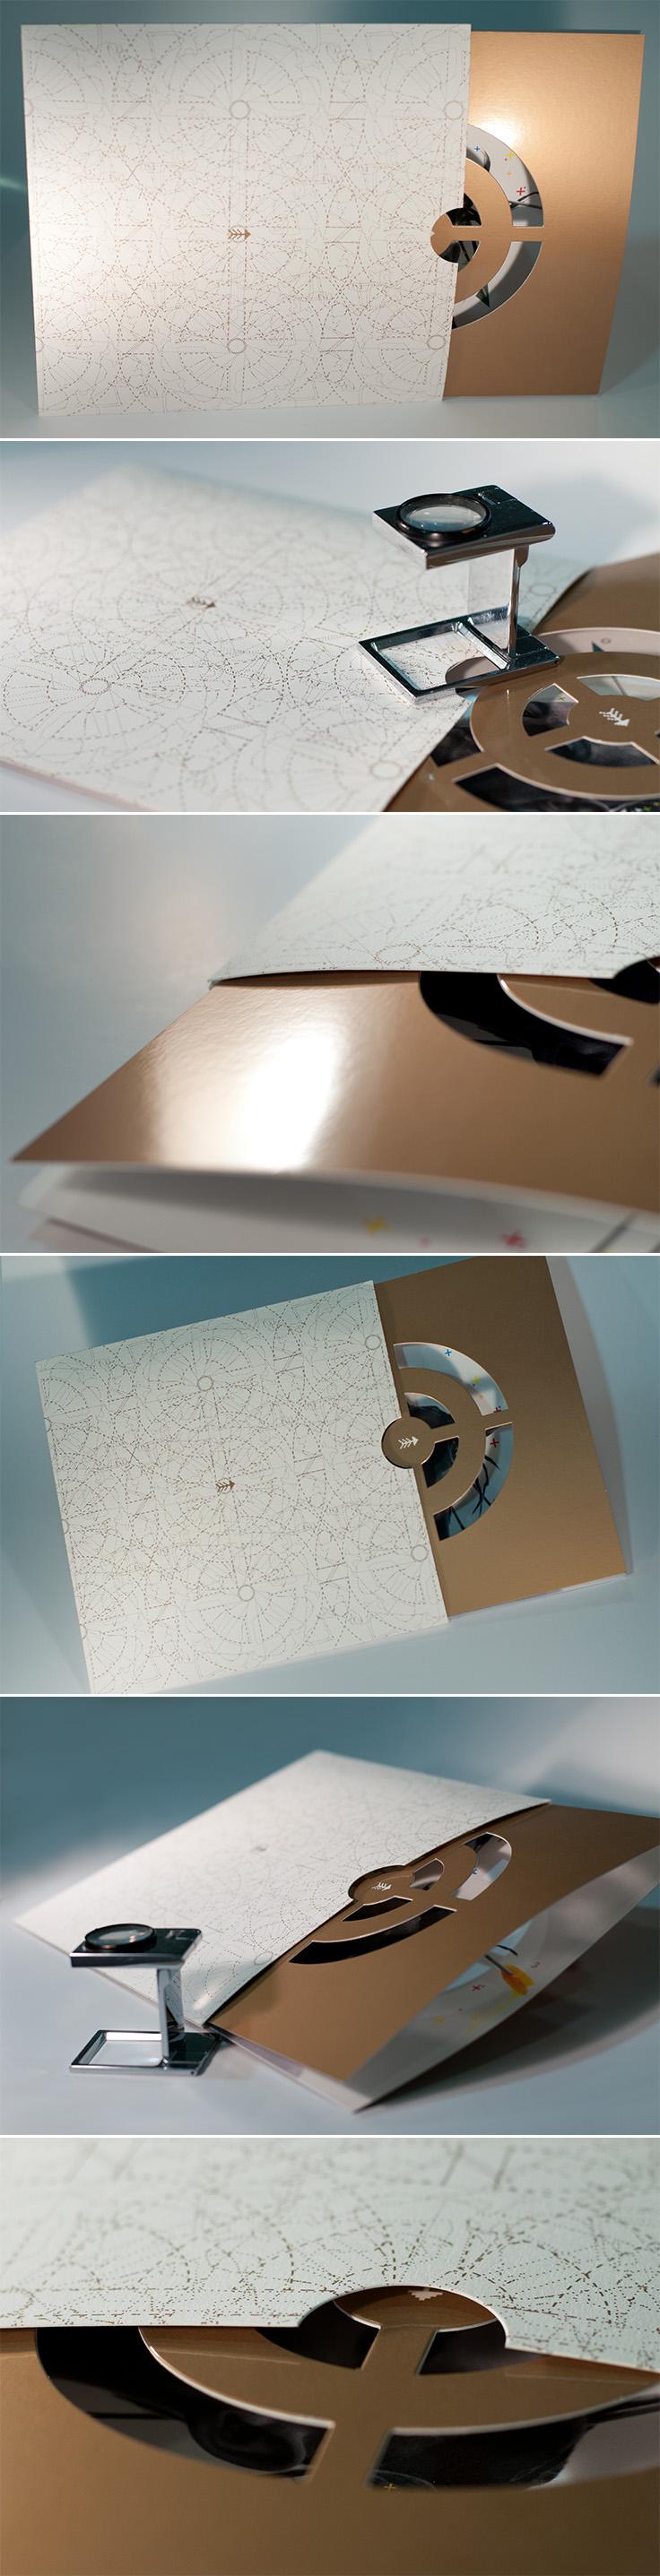 pochette type vinyle d coupe de pr cision papier de. Black Bedroom Furniture Sets. Home Design Ideas